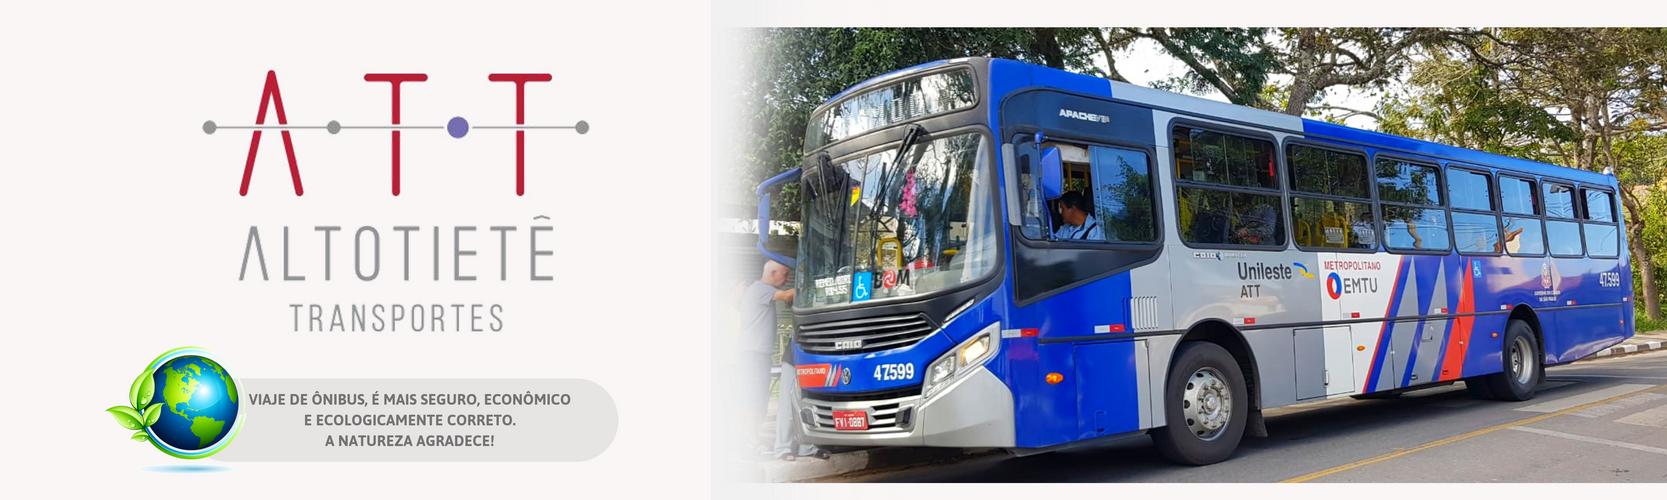 ATT - Alto Tietê Transportes